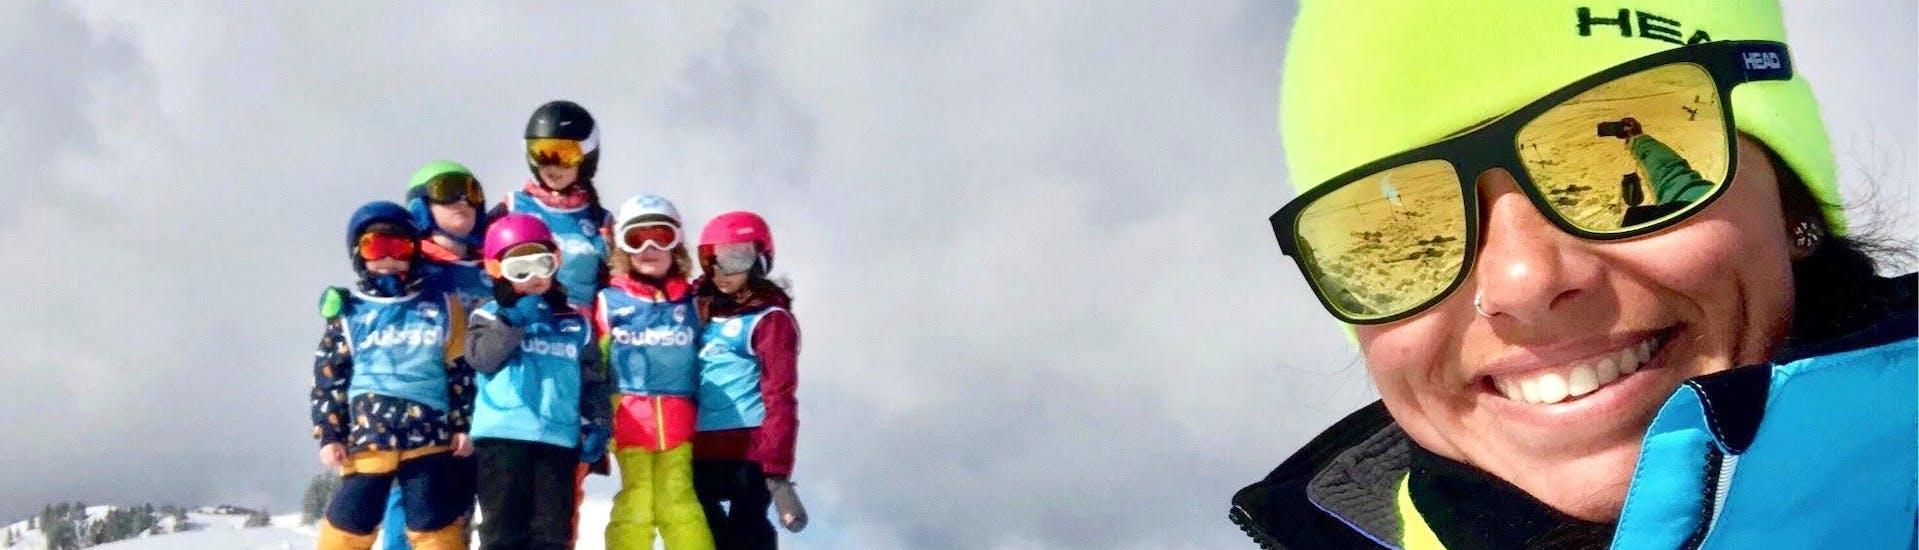 kids-ski-lessons-morning-easy2ride-avoriaz-hero